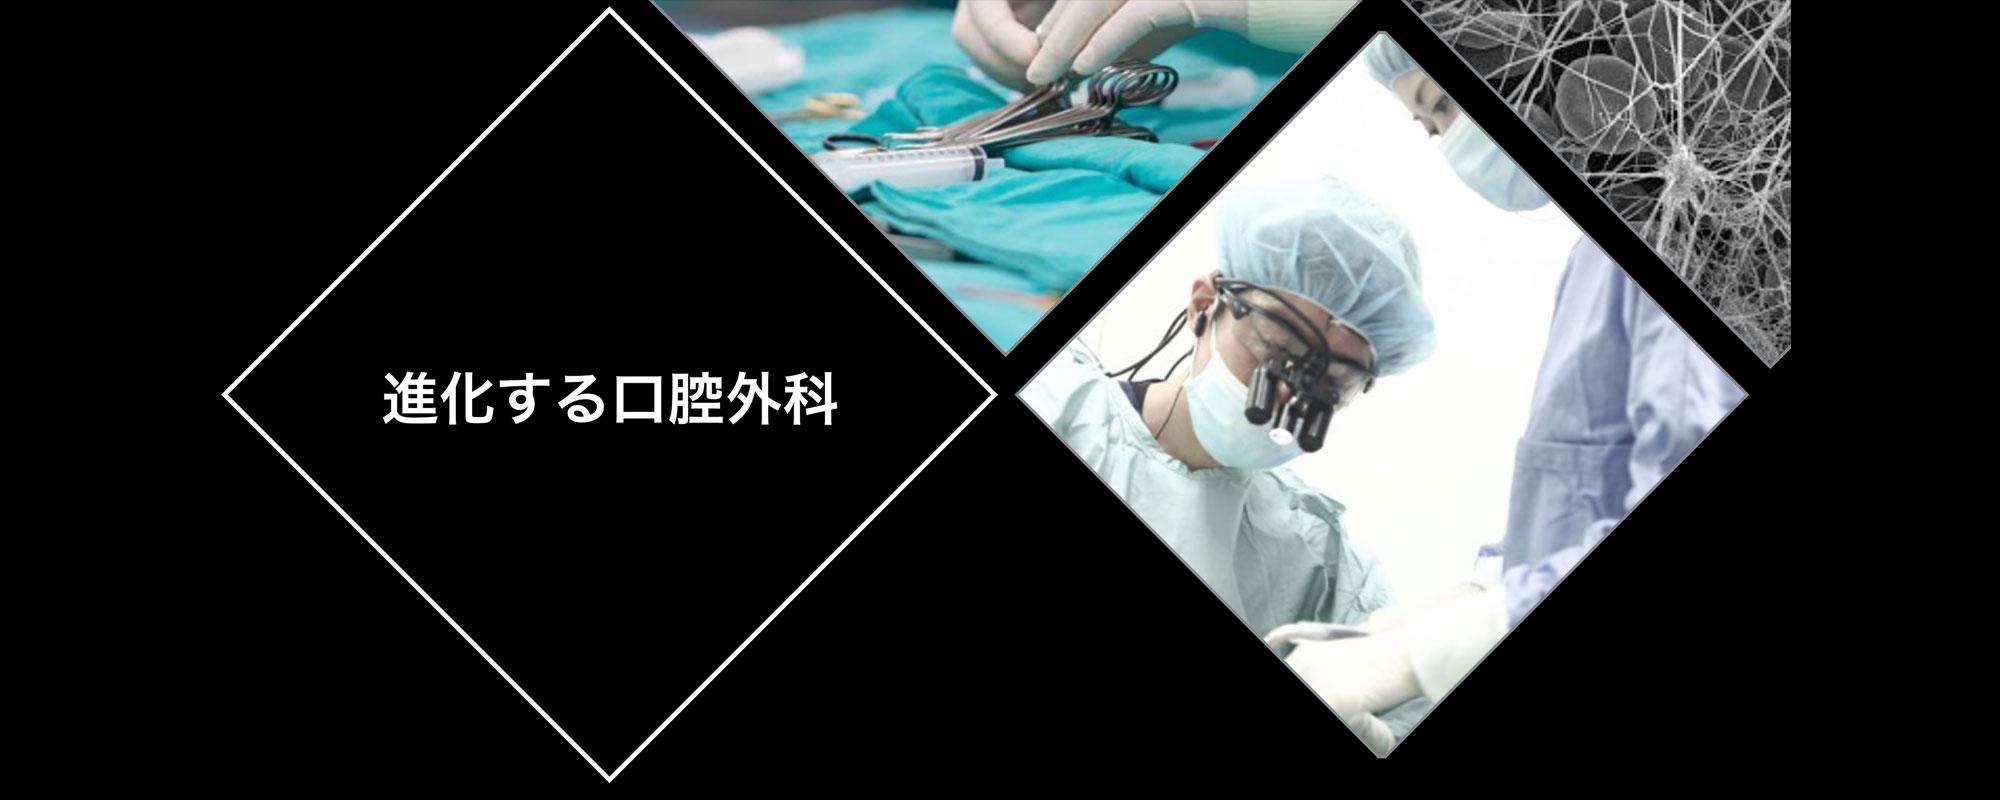 進化する口腔外科